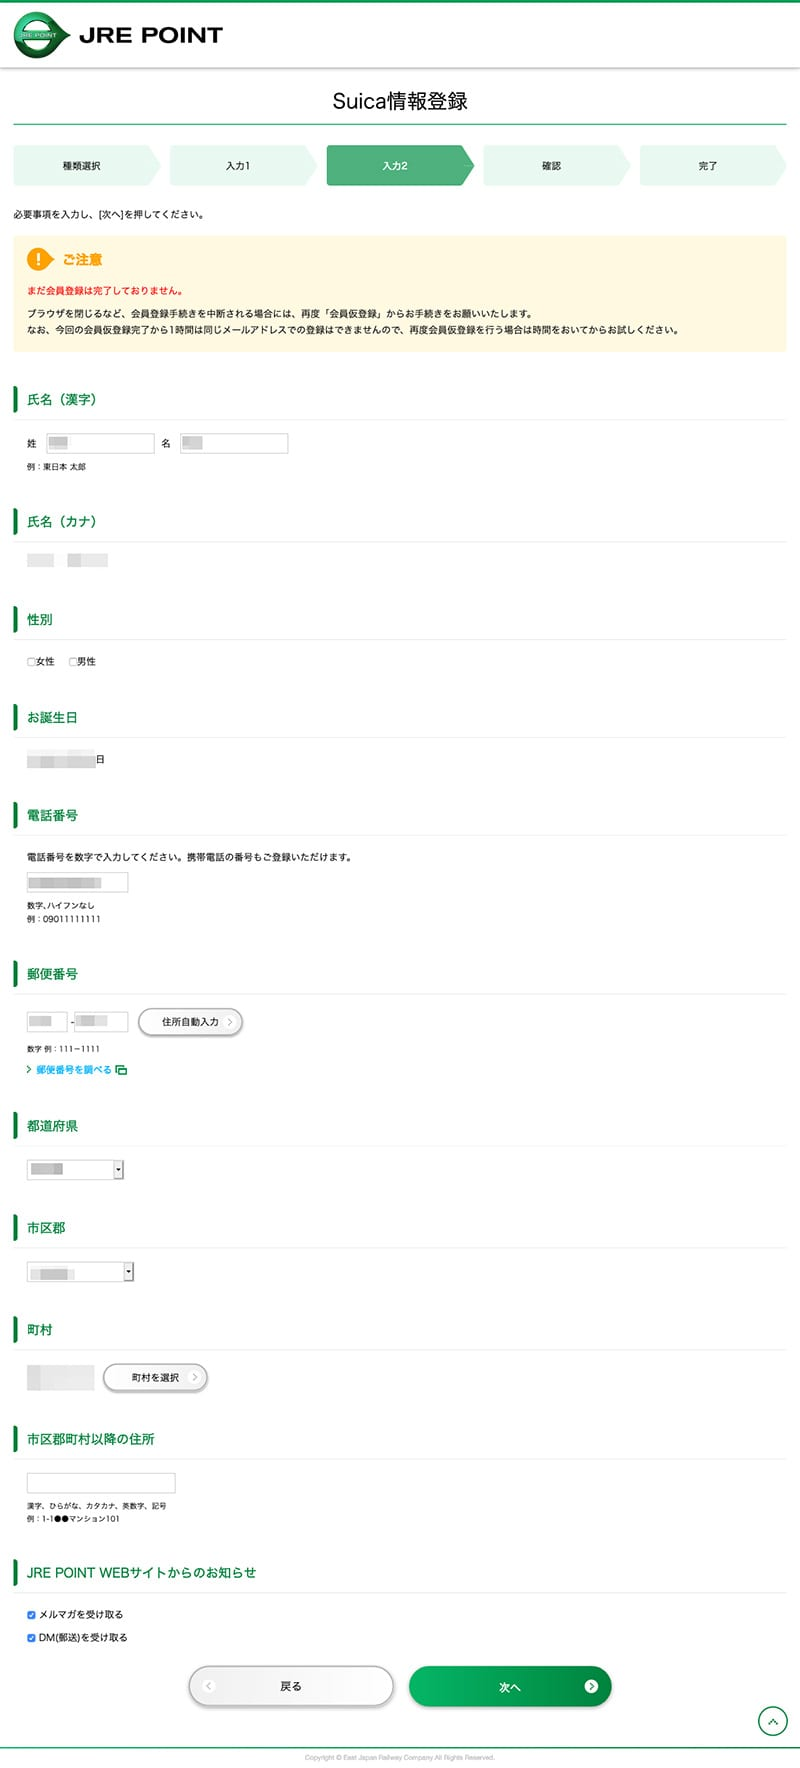 JRE POINT WEBサイト会員登録】Suicaに設定している個人情報の入力